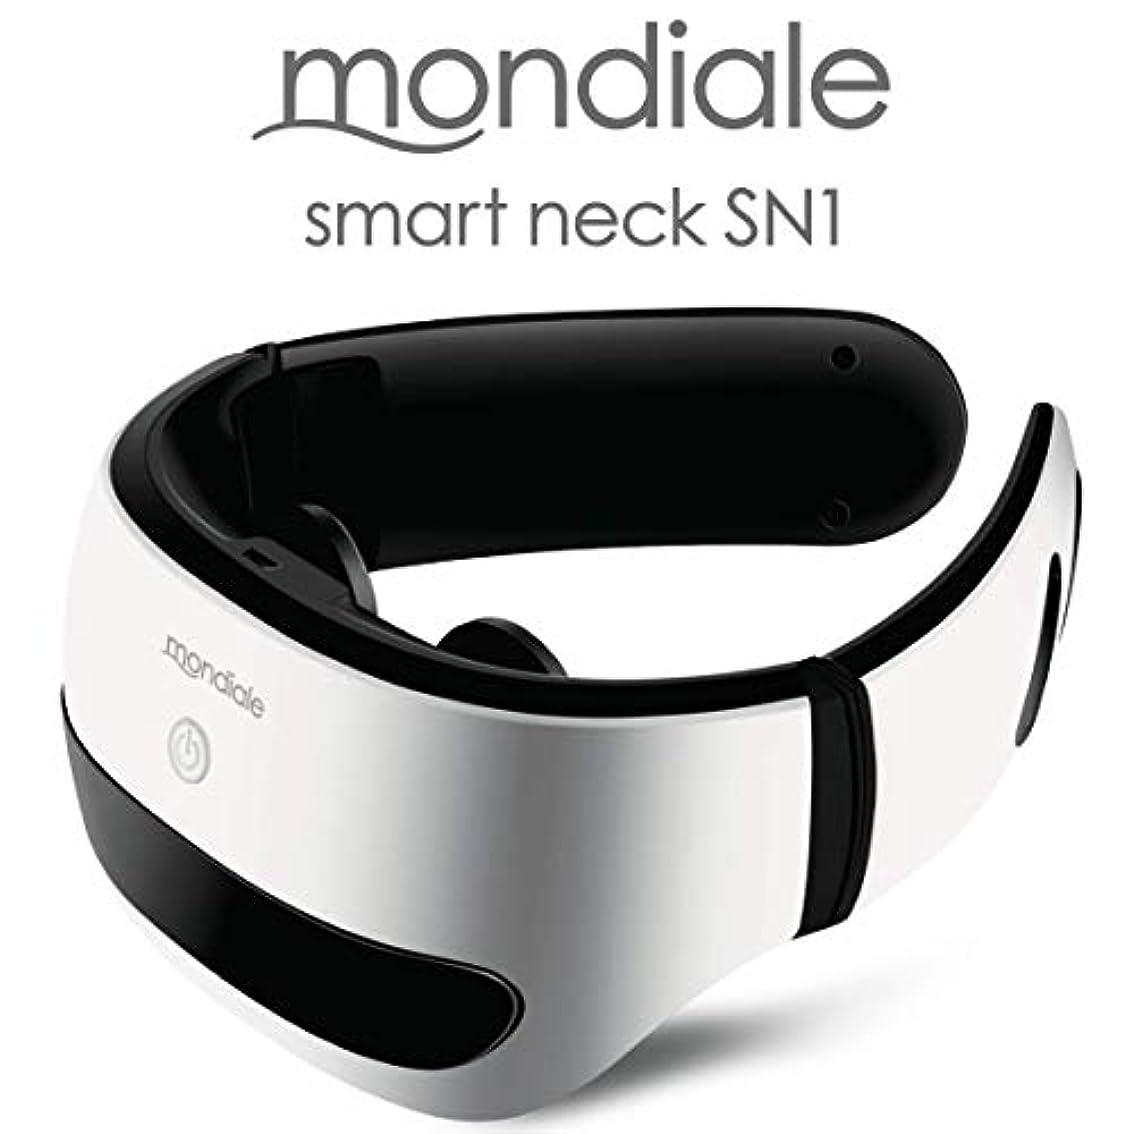 等価参加する特権的モンデール スマートネック SN1 mondiale smart neck SN1